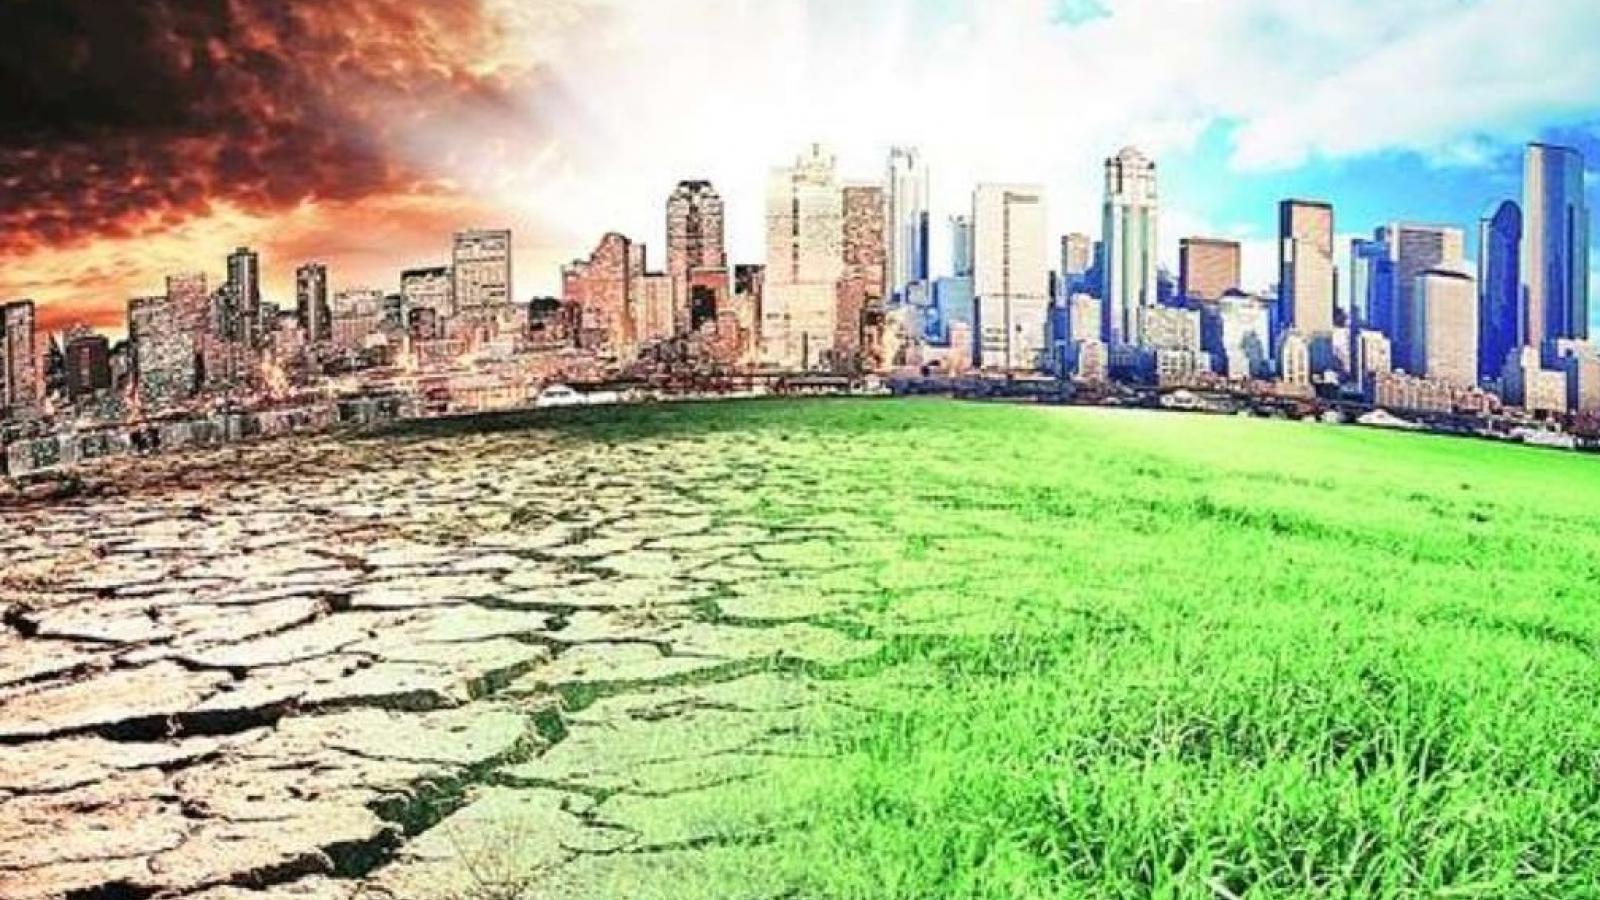 Khóa họp Đại hội đồng Liên Hợp Quốc: Thế giới trước thách thức của biến đổi khí hậu